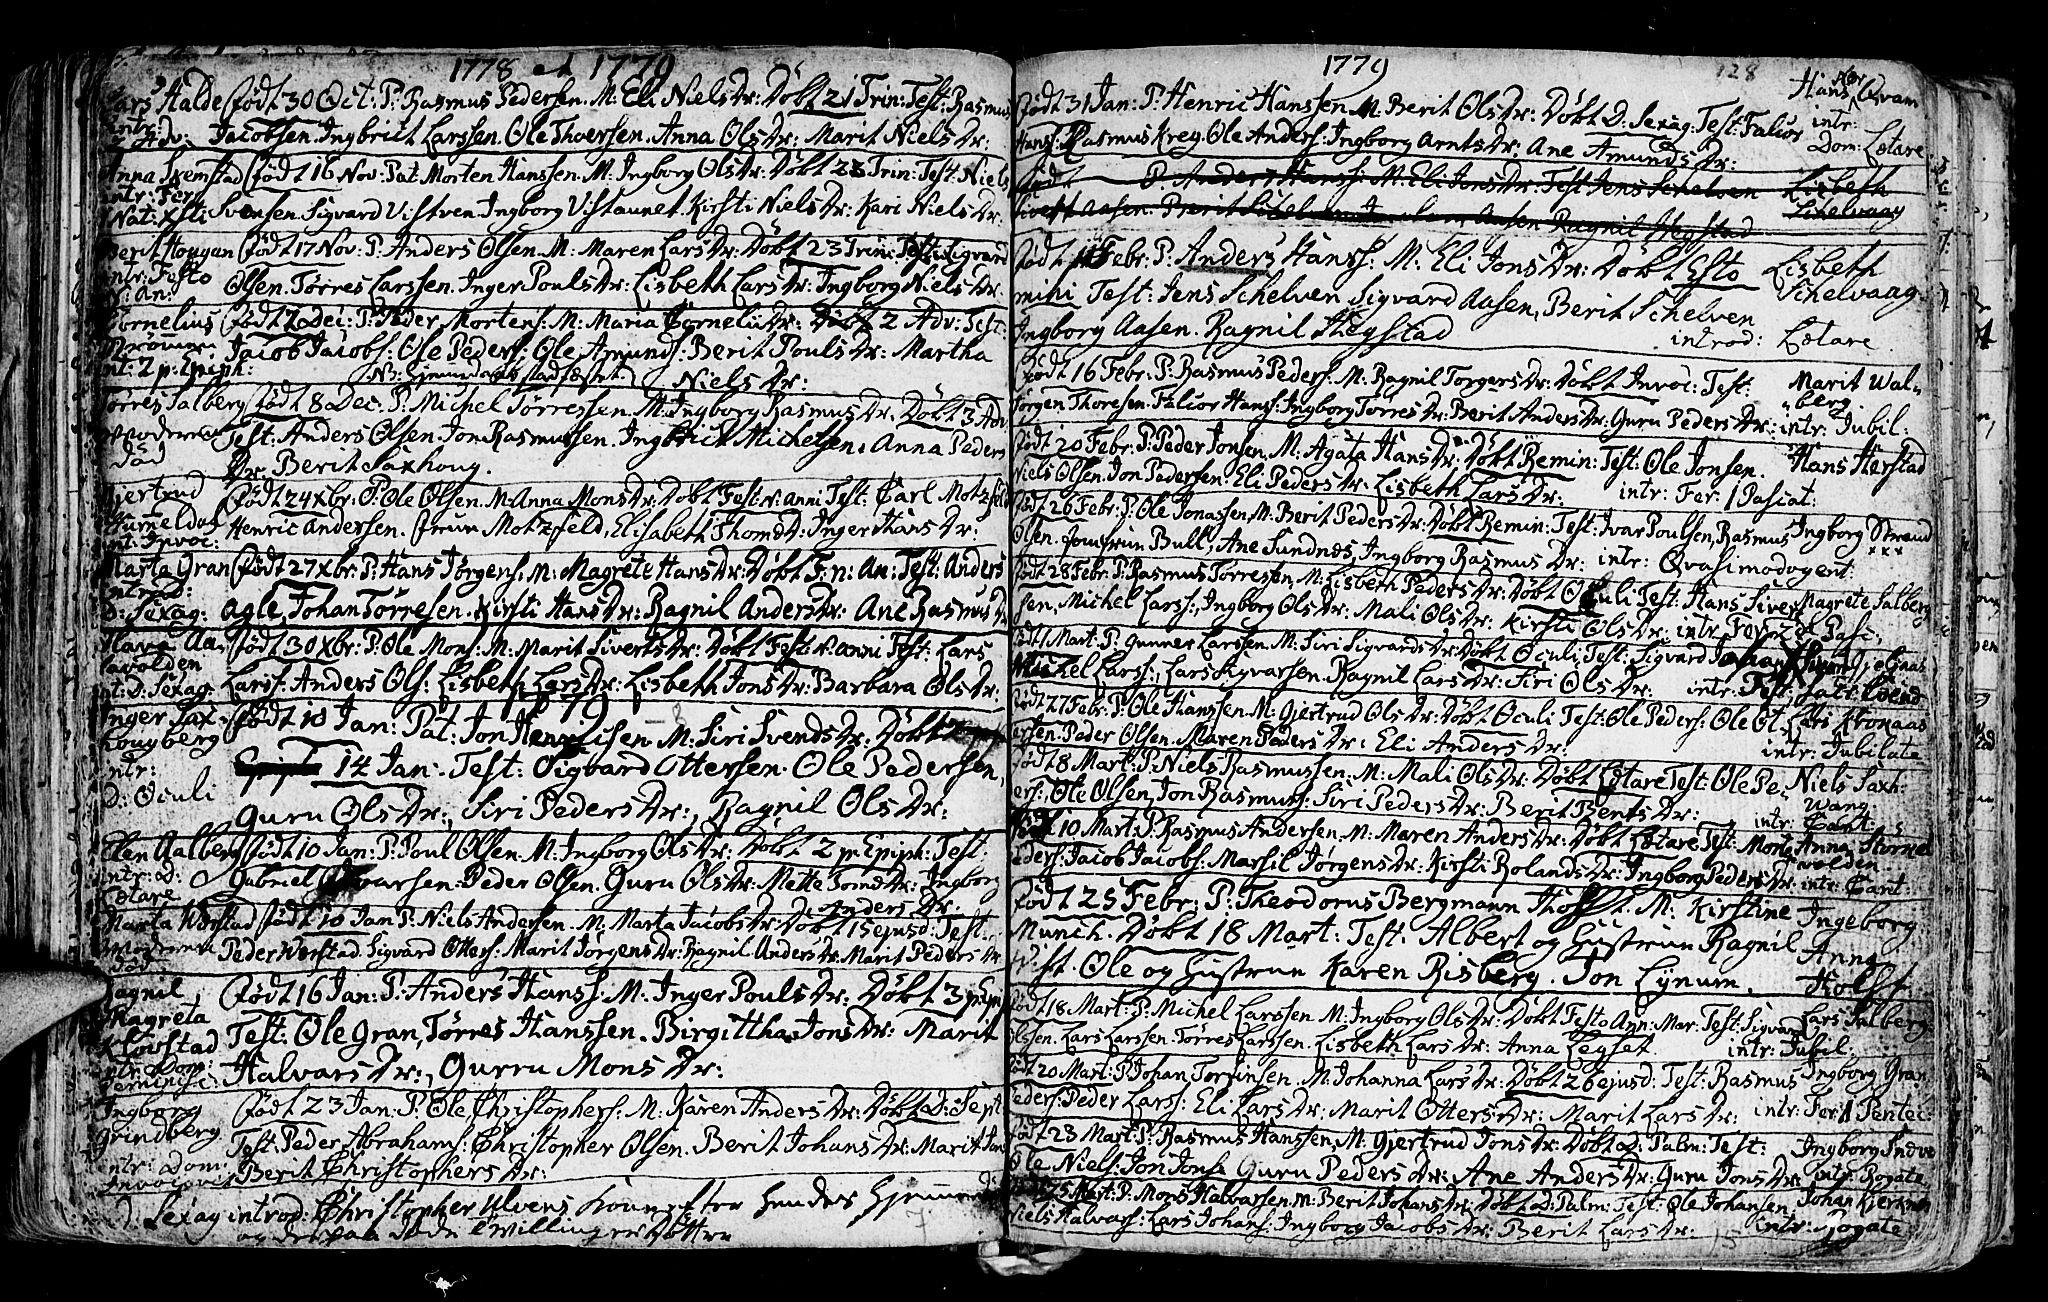 SAT, Ministerialprotokoller, klokkerbøker og fødselsregistre - Nord-Trøndelag, 730/L0273: Ministerialbok nr. 730A02, 1762-1802, s. 128